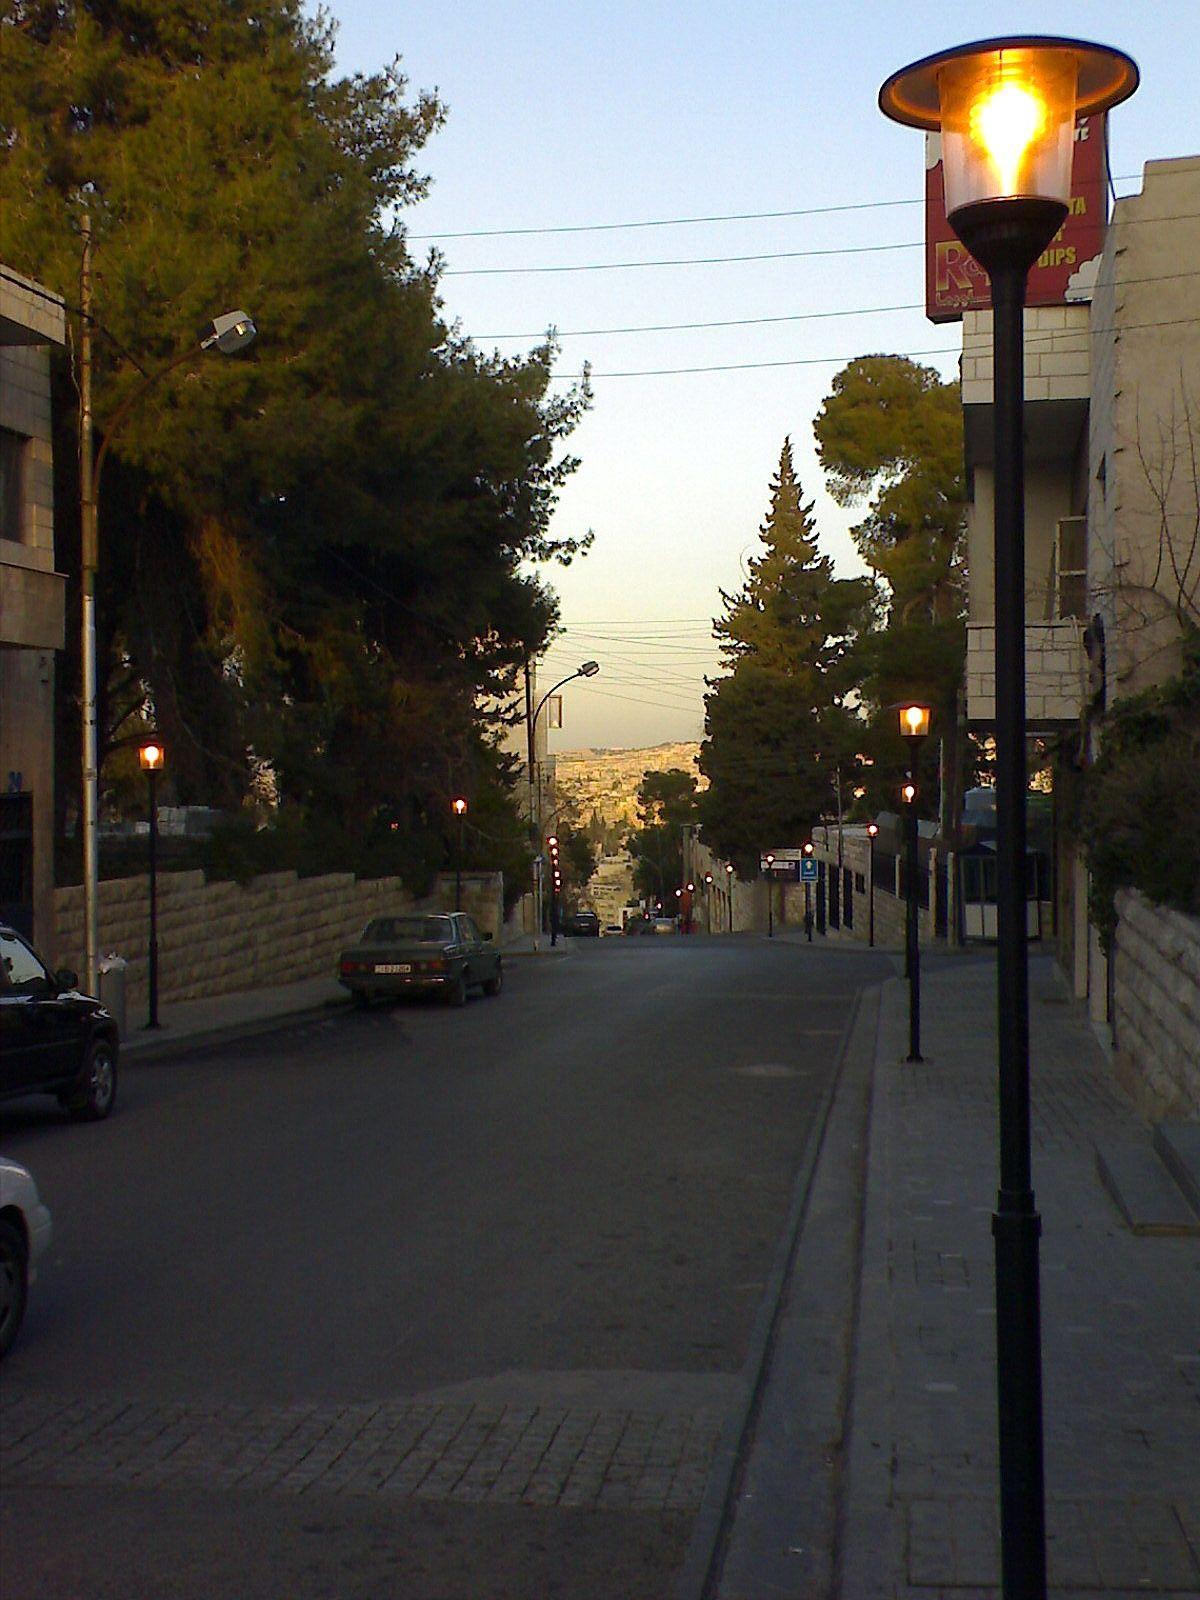 Rainbow street in Amman Jo Amman, Jordan country